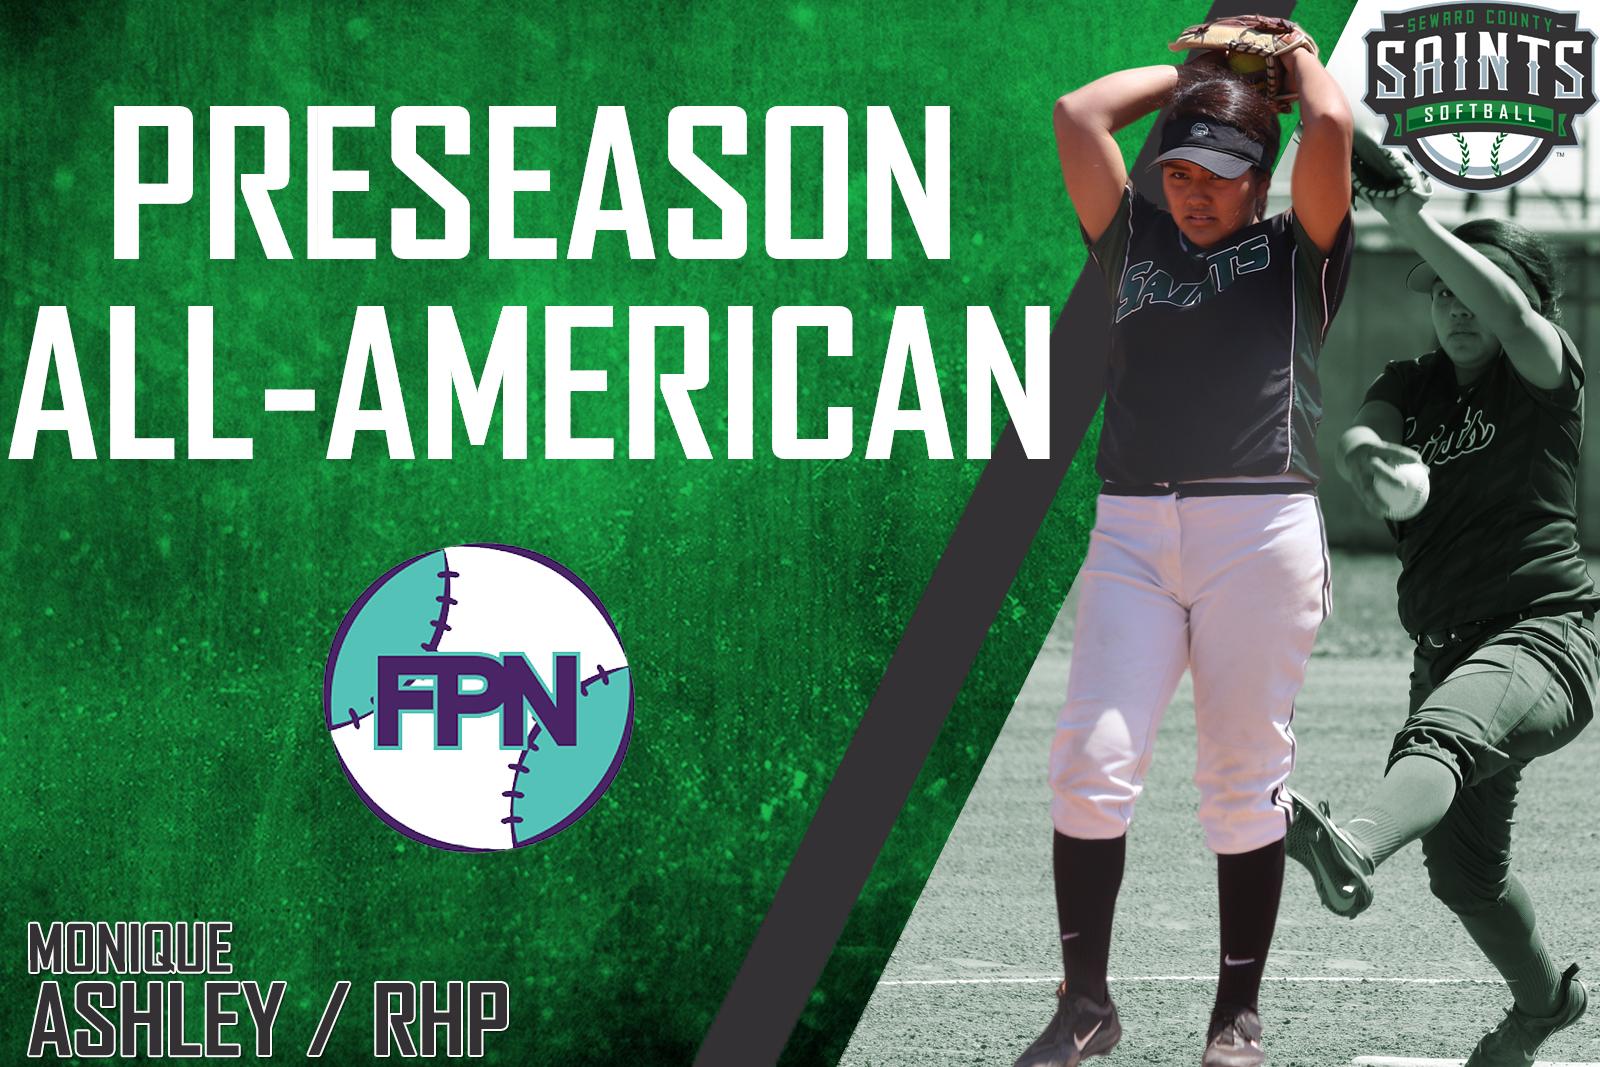 Ashley Named Preseason All-American by Fastpitch News